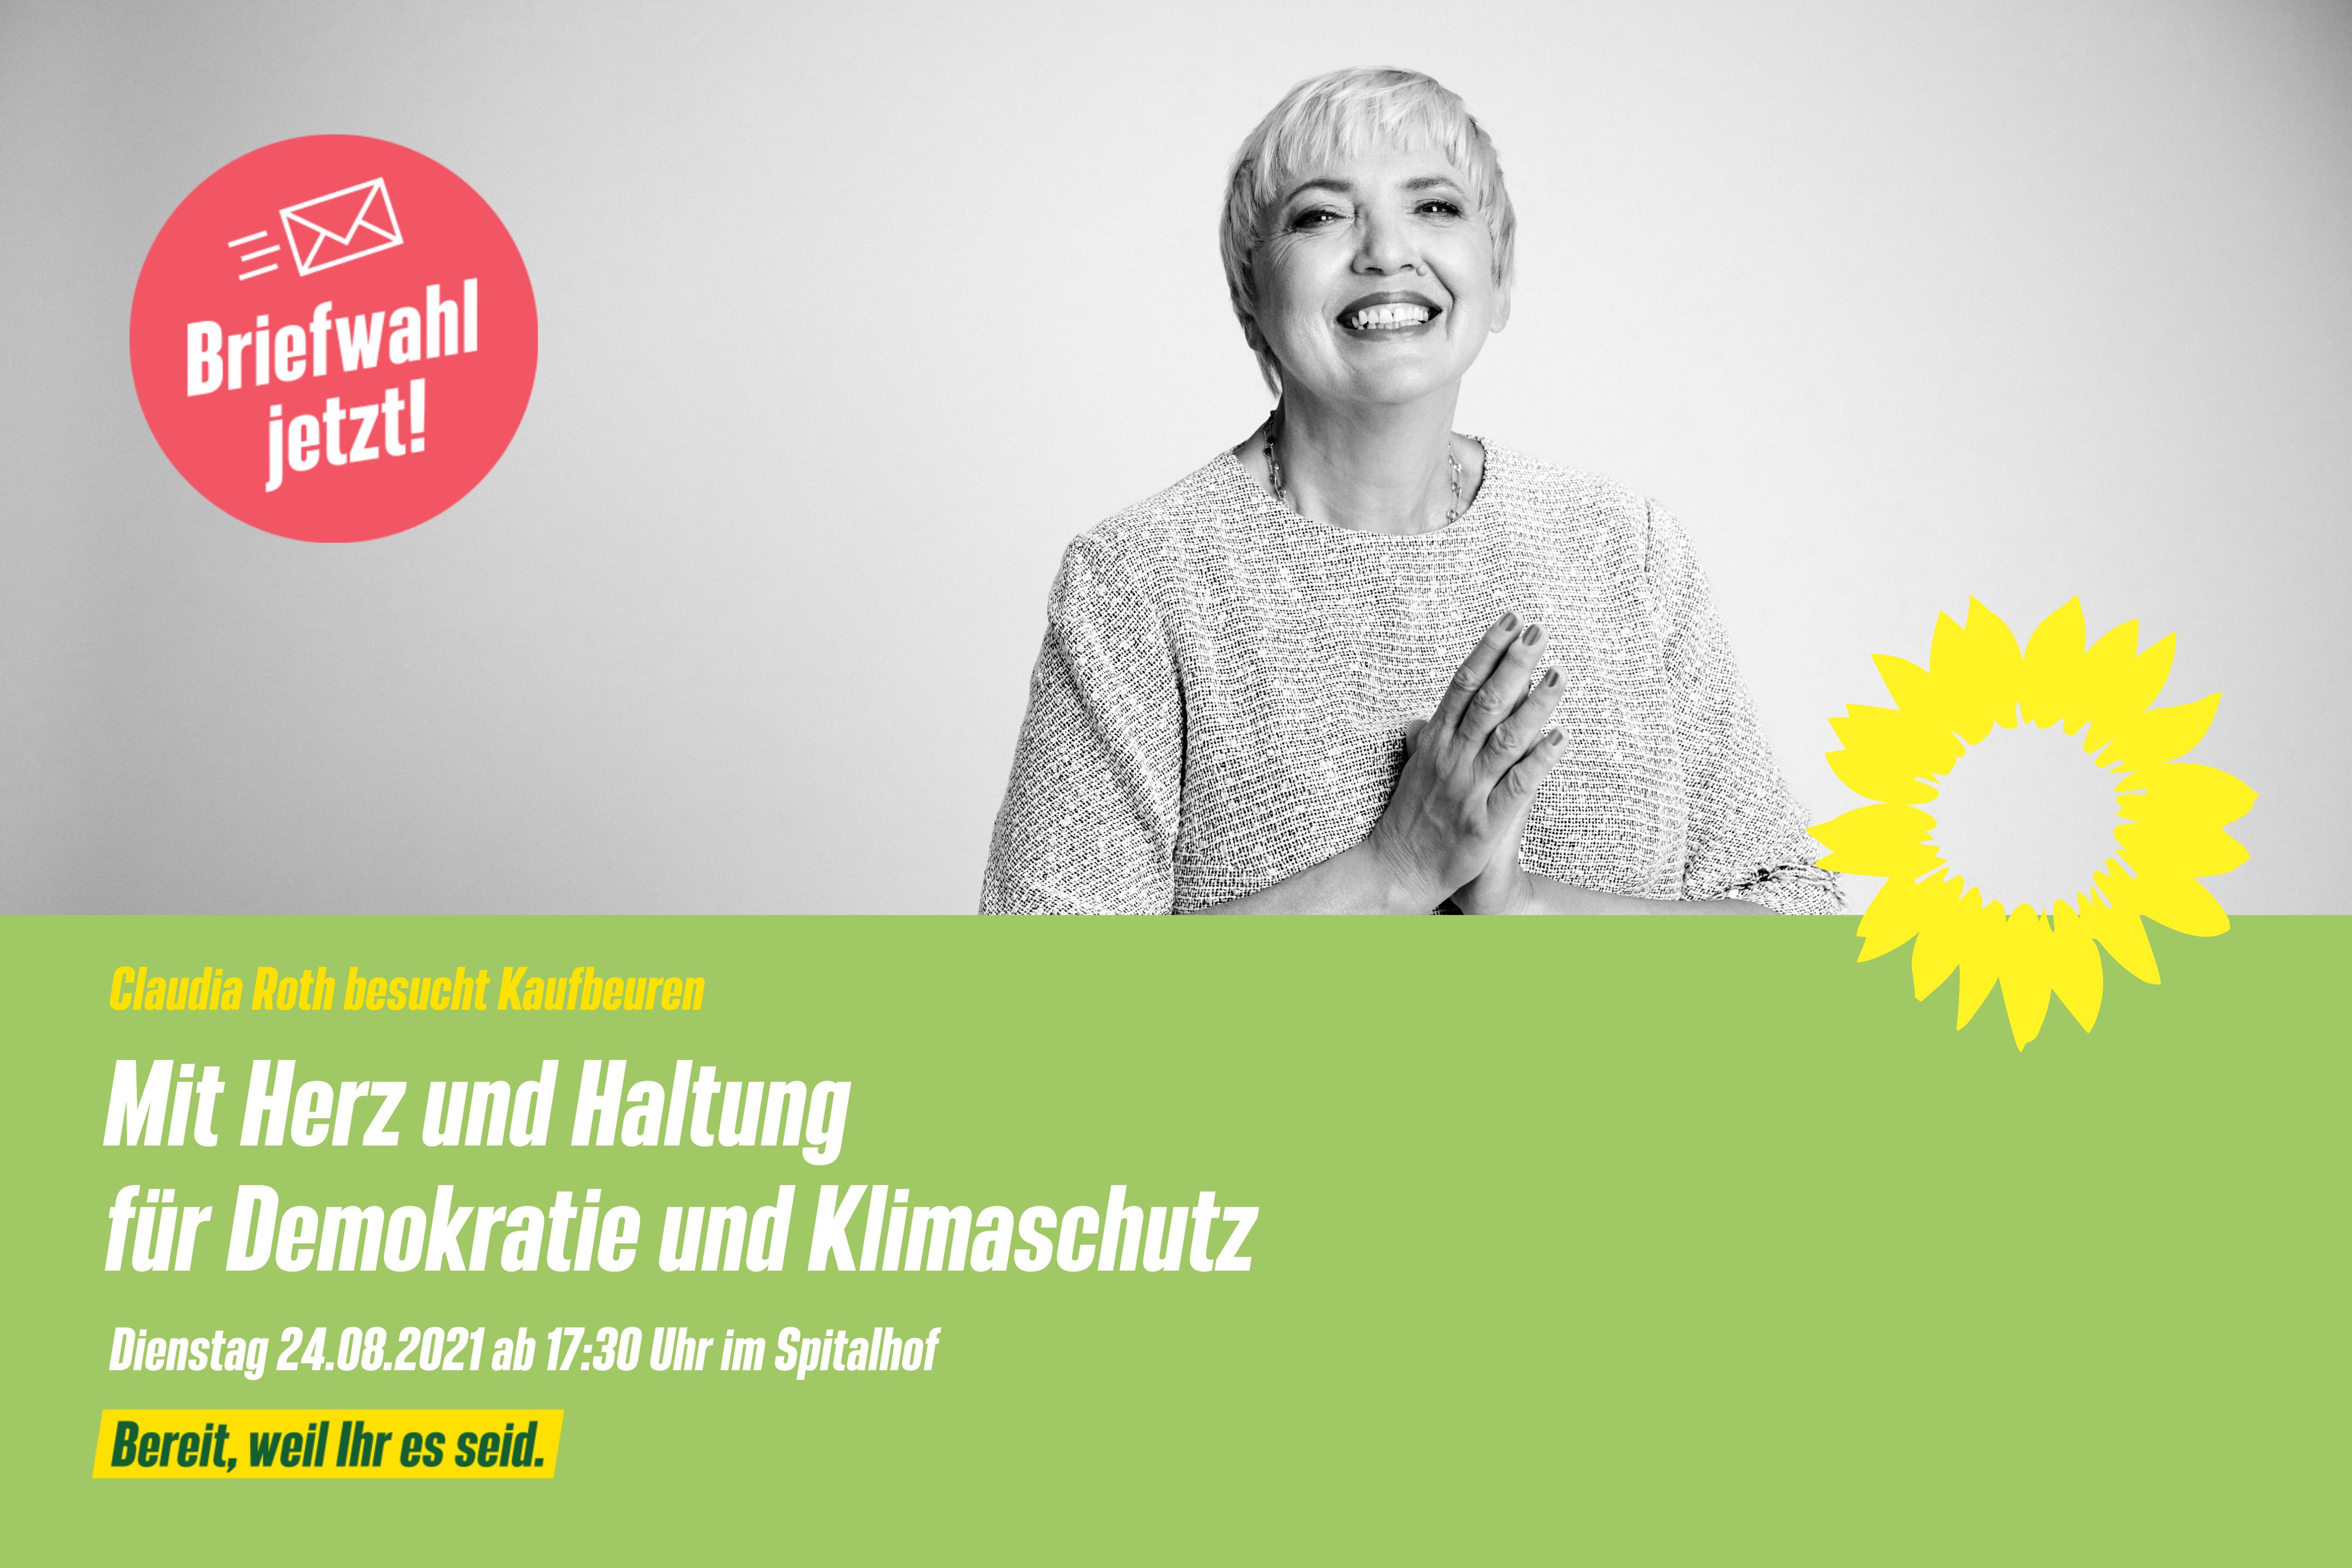 Mit Herz und Haltung für Demokratie und Klimaschutz – Claudia Roth besucht Kaufbeuren